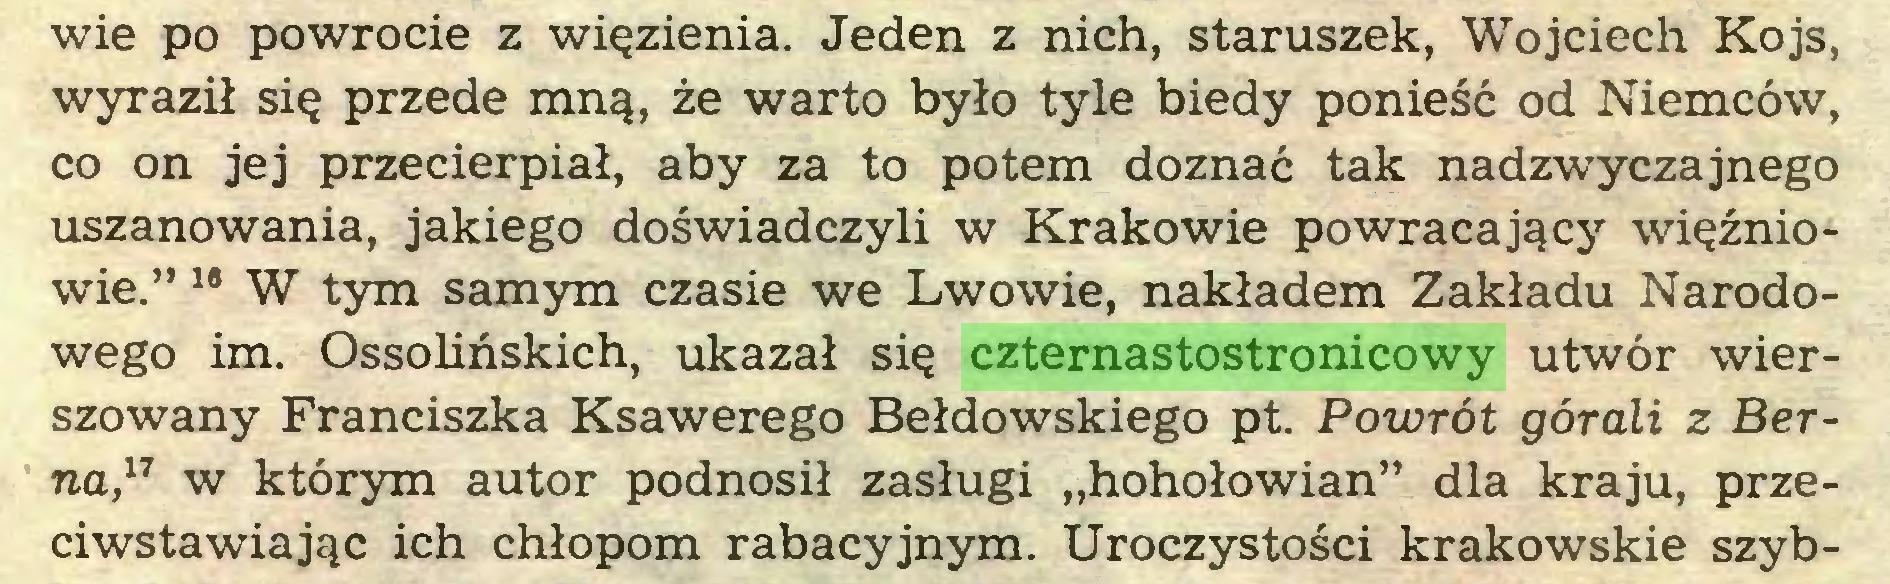 """(...) wie po powrocie z więzienia. Jeden z nich, staruszek, Wojciech Kojs, wyraził się przede mną, że warto było tyle biedy ponieść od Niemców, co on jej przecierpiał, aby za to potem doznać tak nadzwyczajnego uszanowania, jakiego doświadczyli w Krakowie powracający więźniowie."""" 18 W tym samym czasie we Lwowie, nakładem Zakładu Narodowego im. Ossolińskich, ukazał się czternastostronicowy utwór wierszowany Franciszka Ksawerego Bełdowskiego pt. Powrót górali z Berna,11 w którym autor podnosił zasługi """"hohołowian"""" dla kraju, przeciwstawiając ich chłopom rabacyjnym. Uroczystości krakowskie szyb..."""